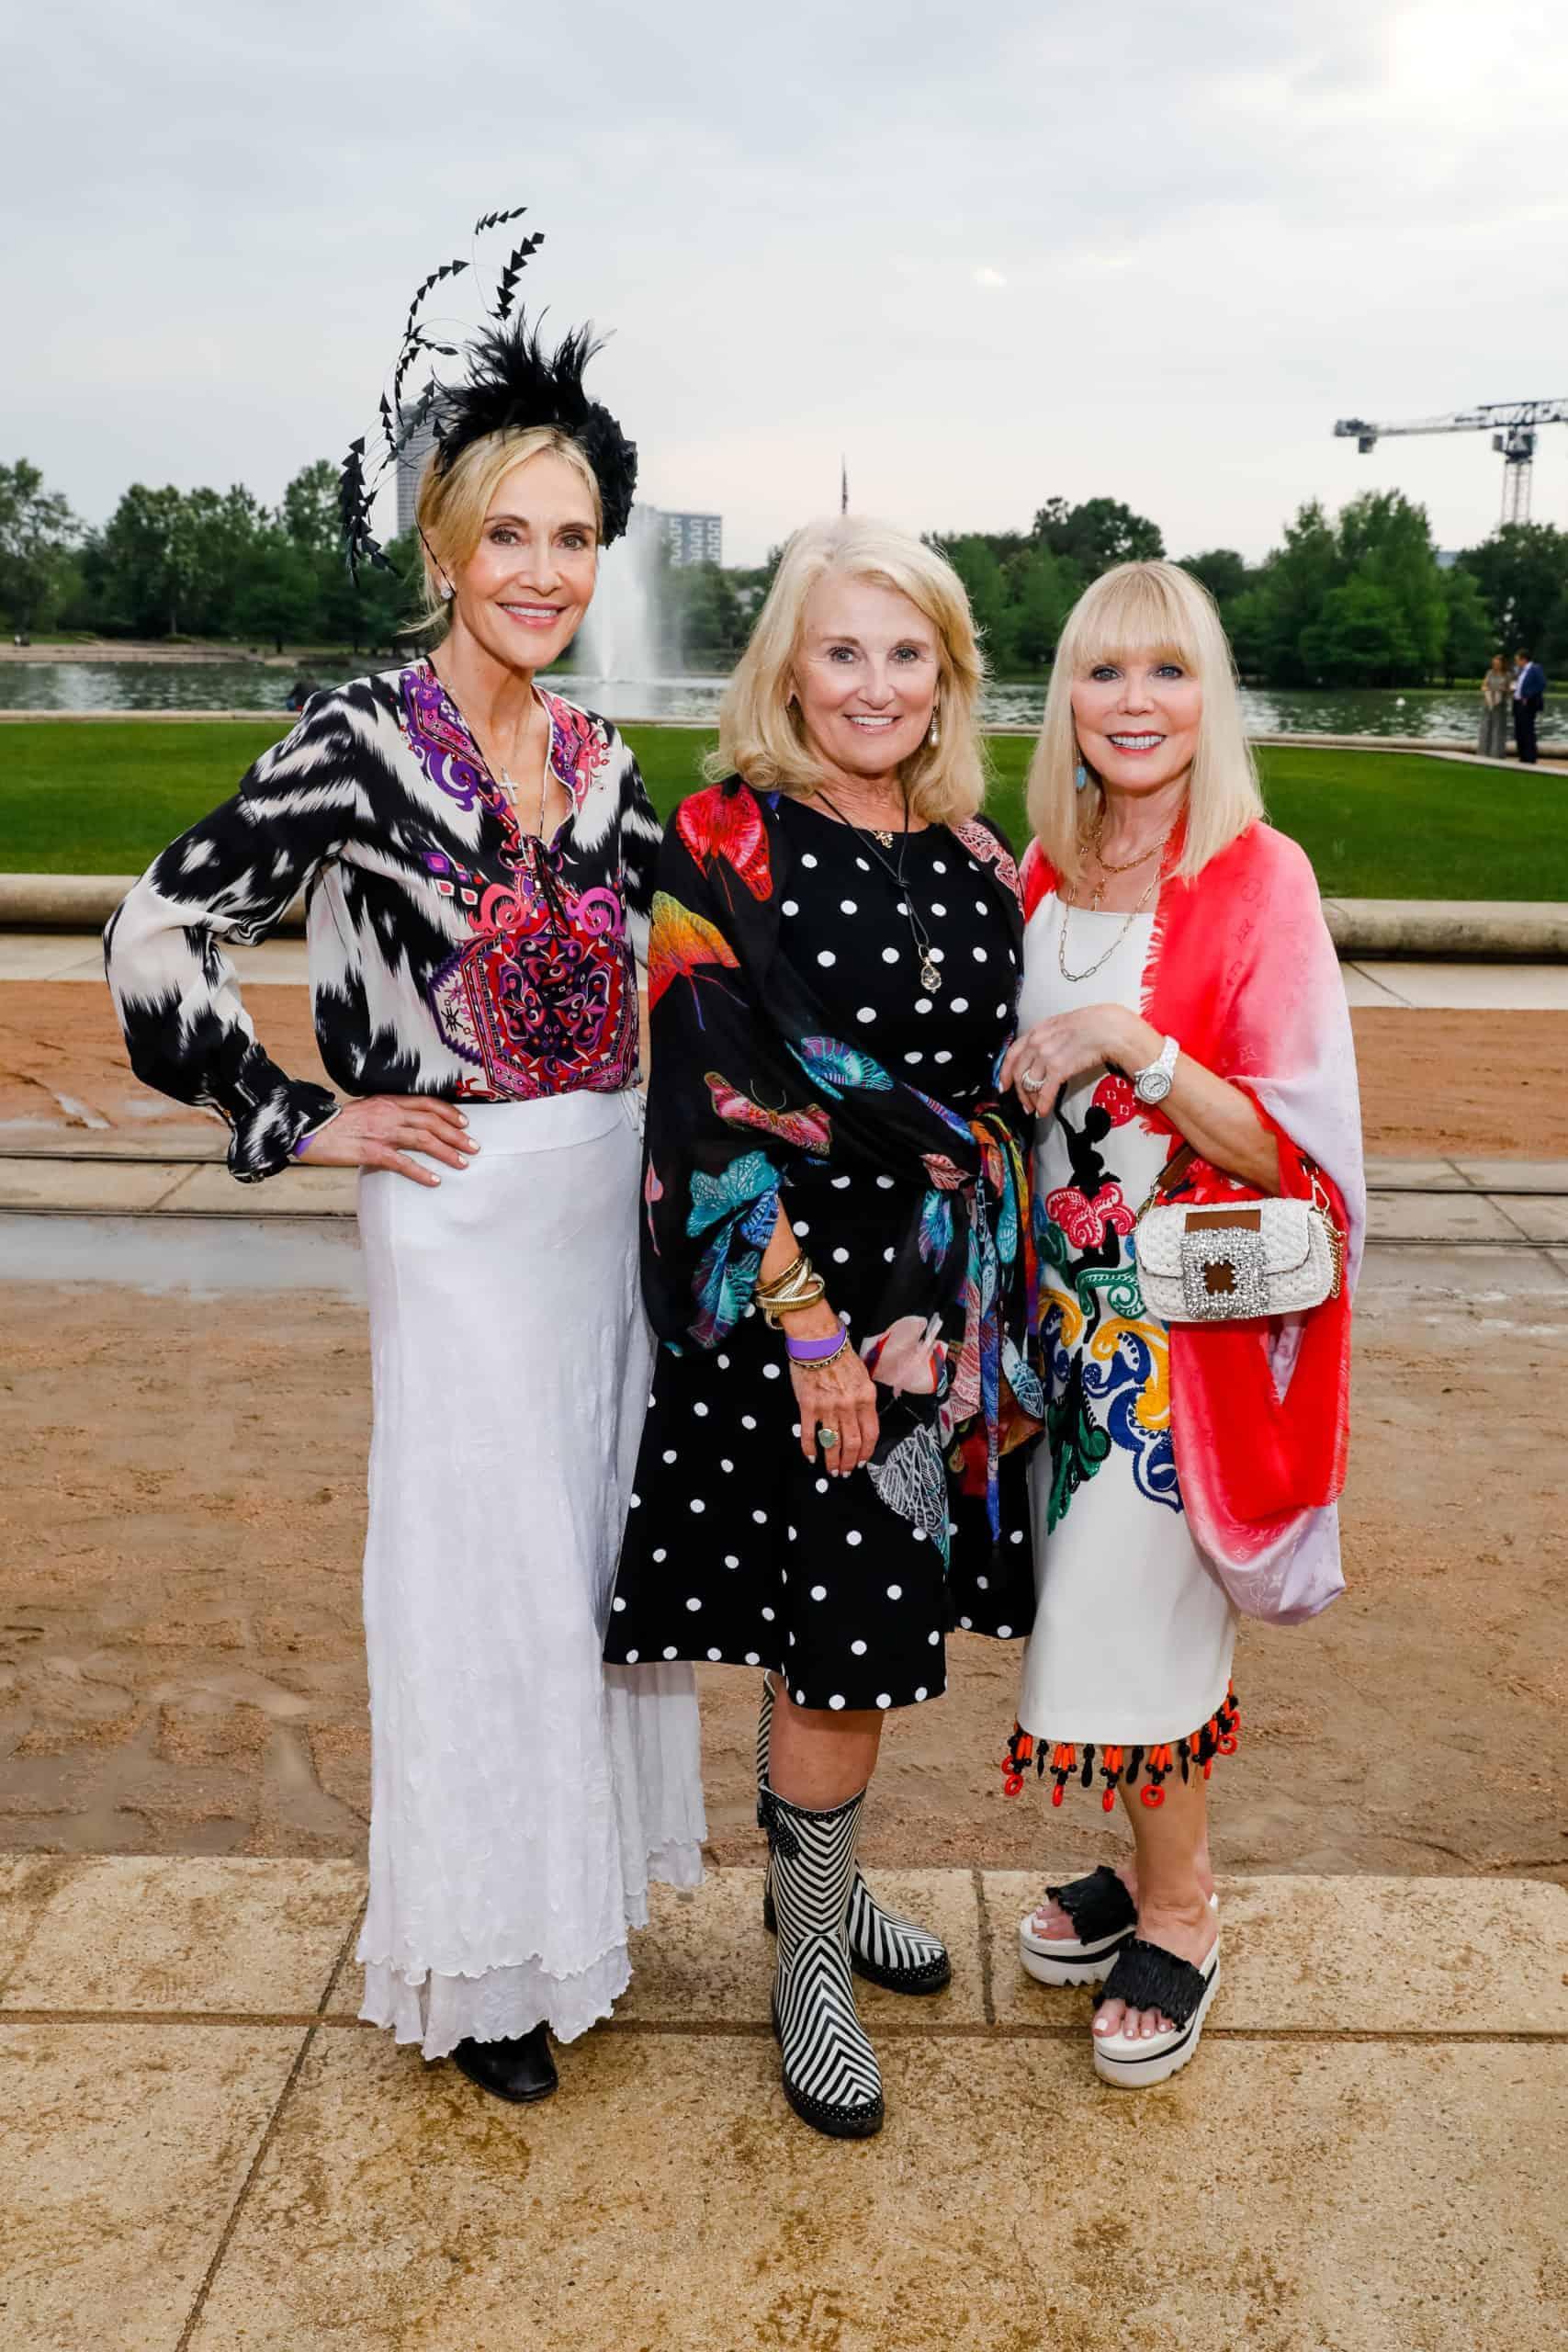 Jana Arnoldy, Denise Monteleone and Brenda Love